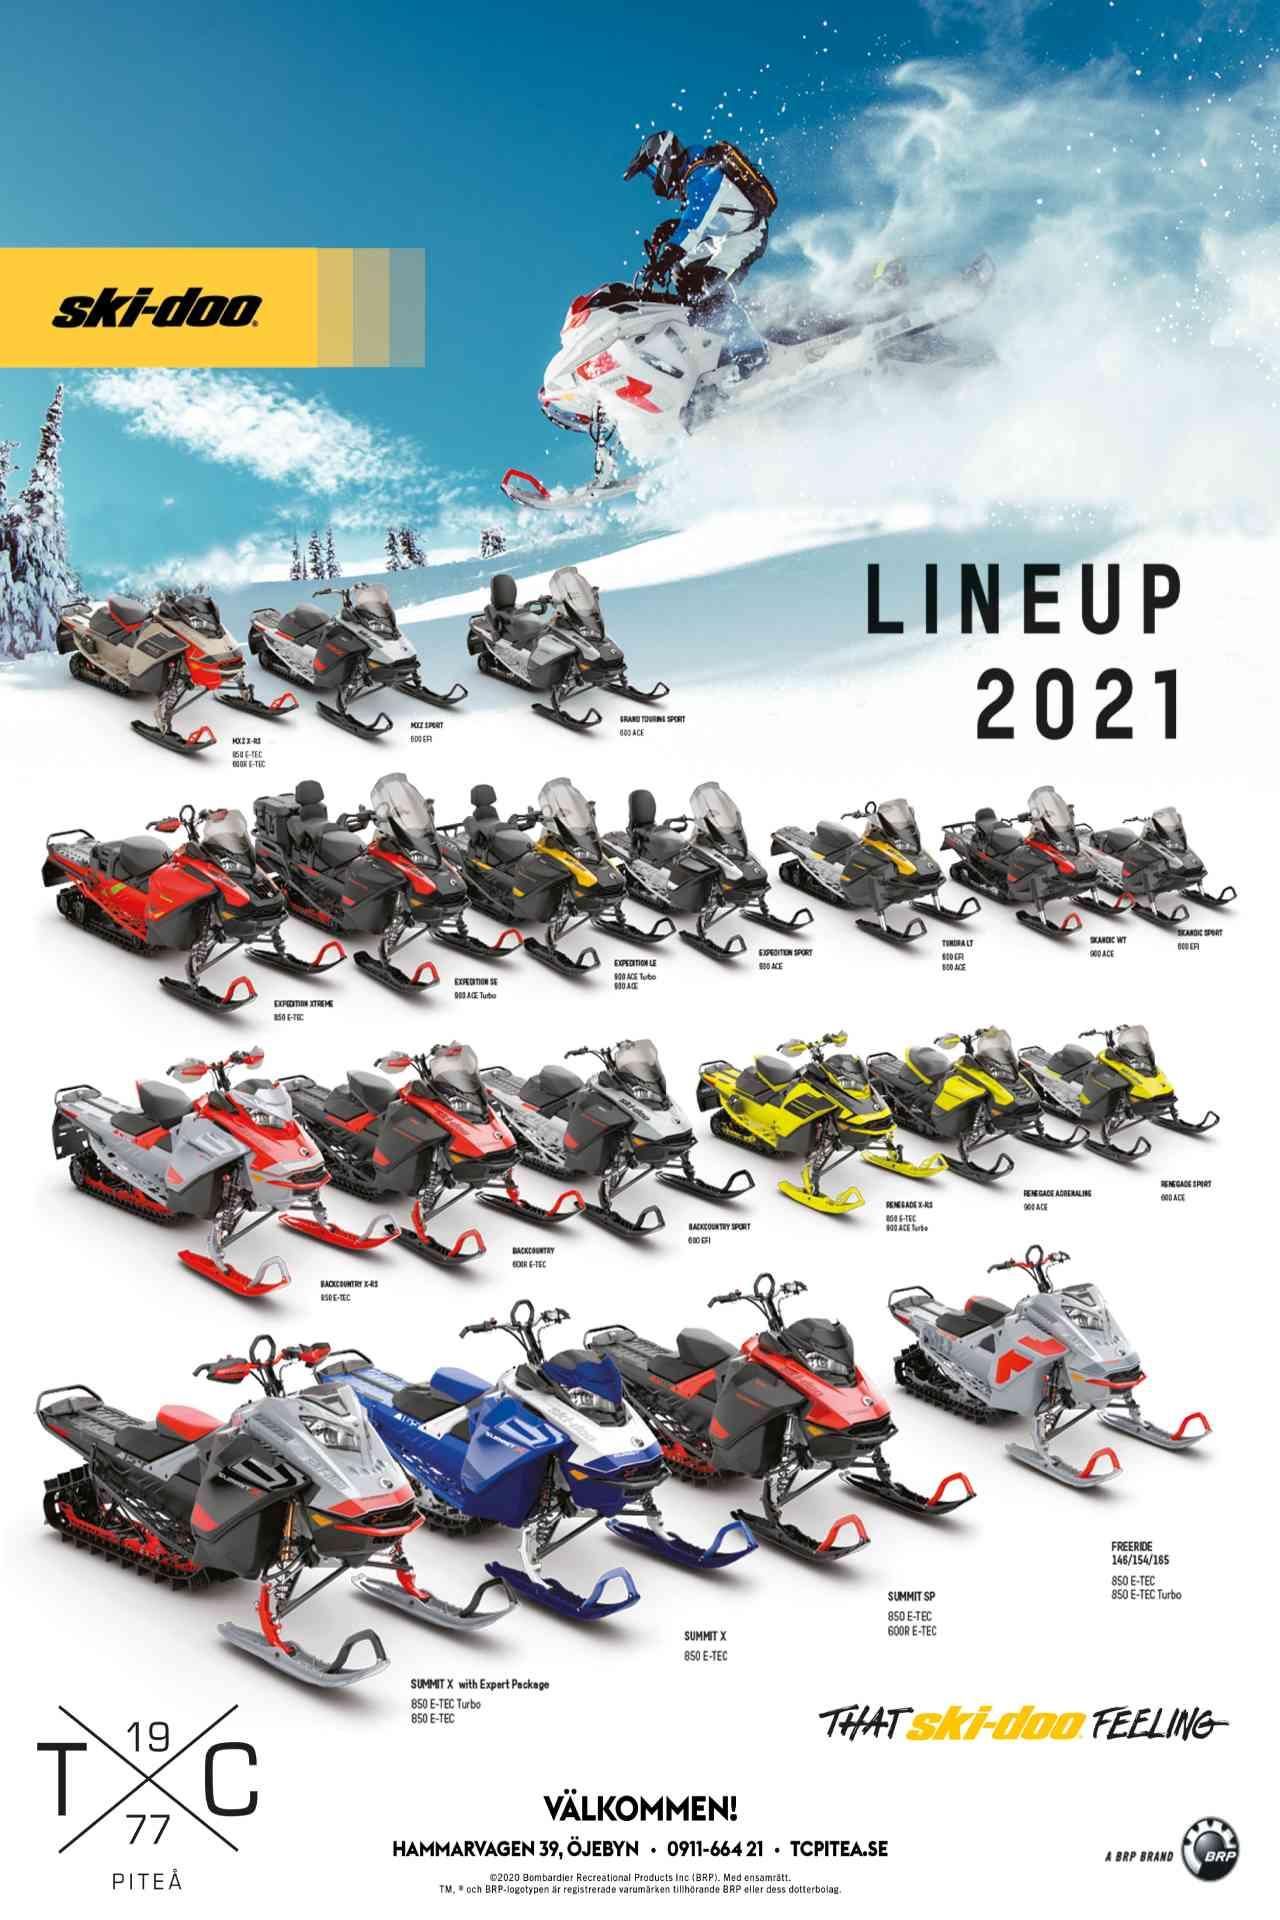 ski-doo lineup 2021 snöskoter